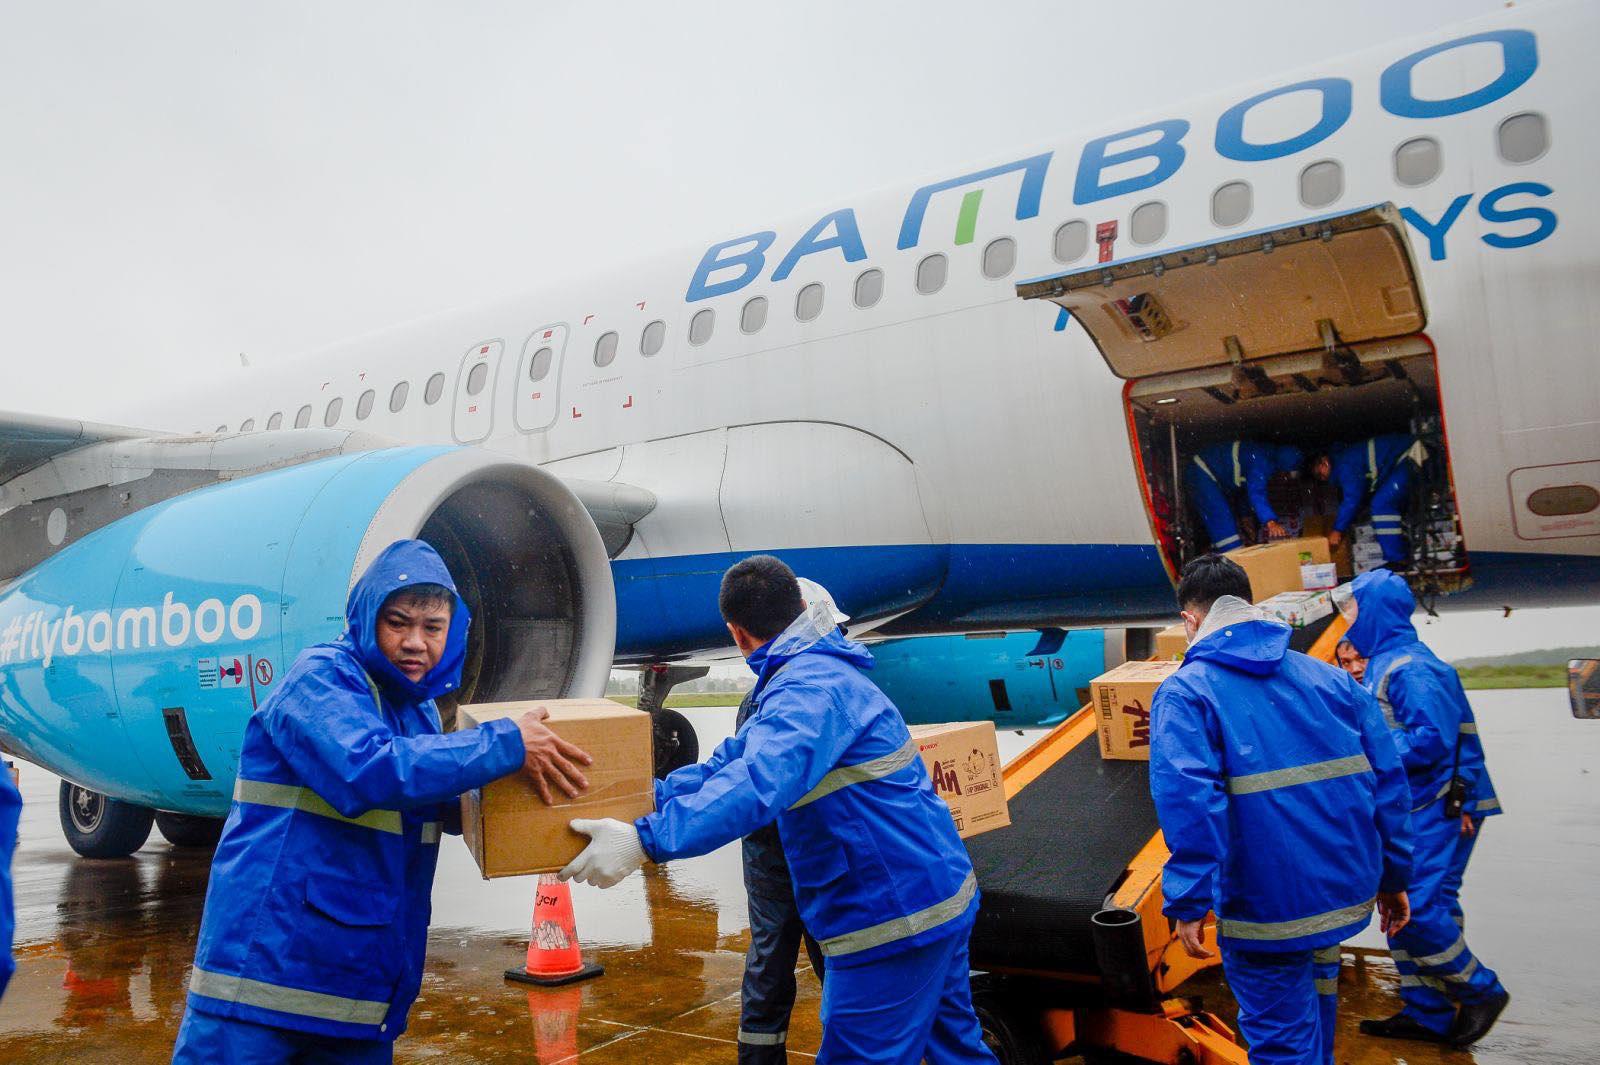 Hành khách được miễn phí đổi vé máy bay do ảnh hưởng mưa lũ ở miền Trung - Ảnh 2.